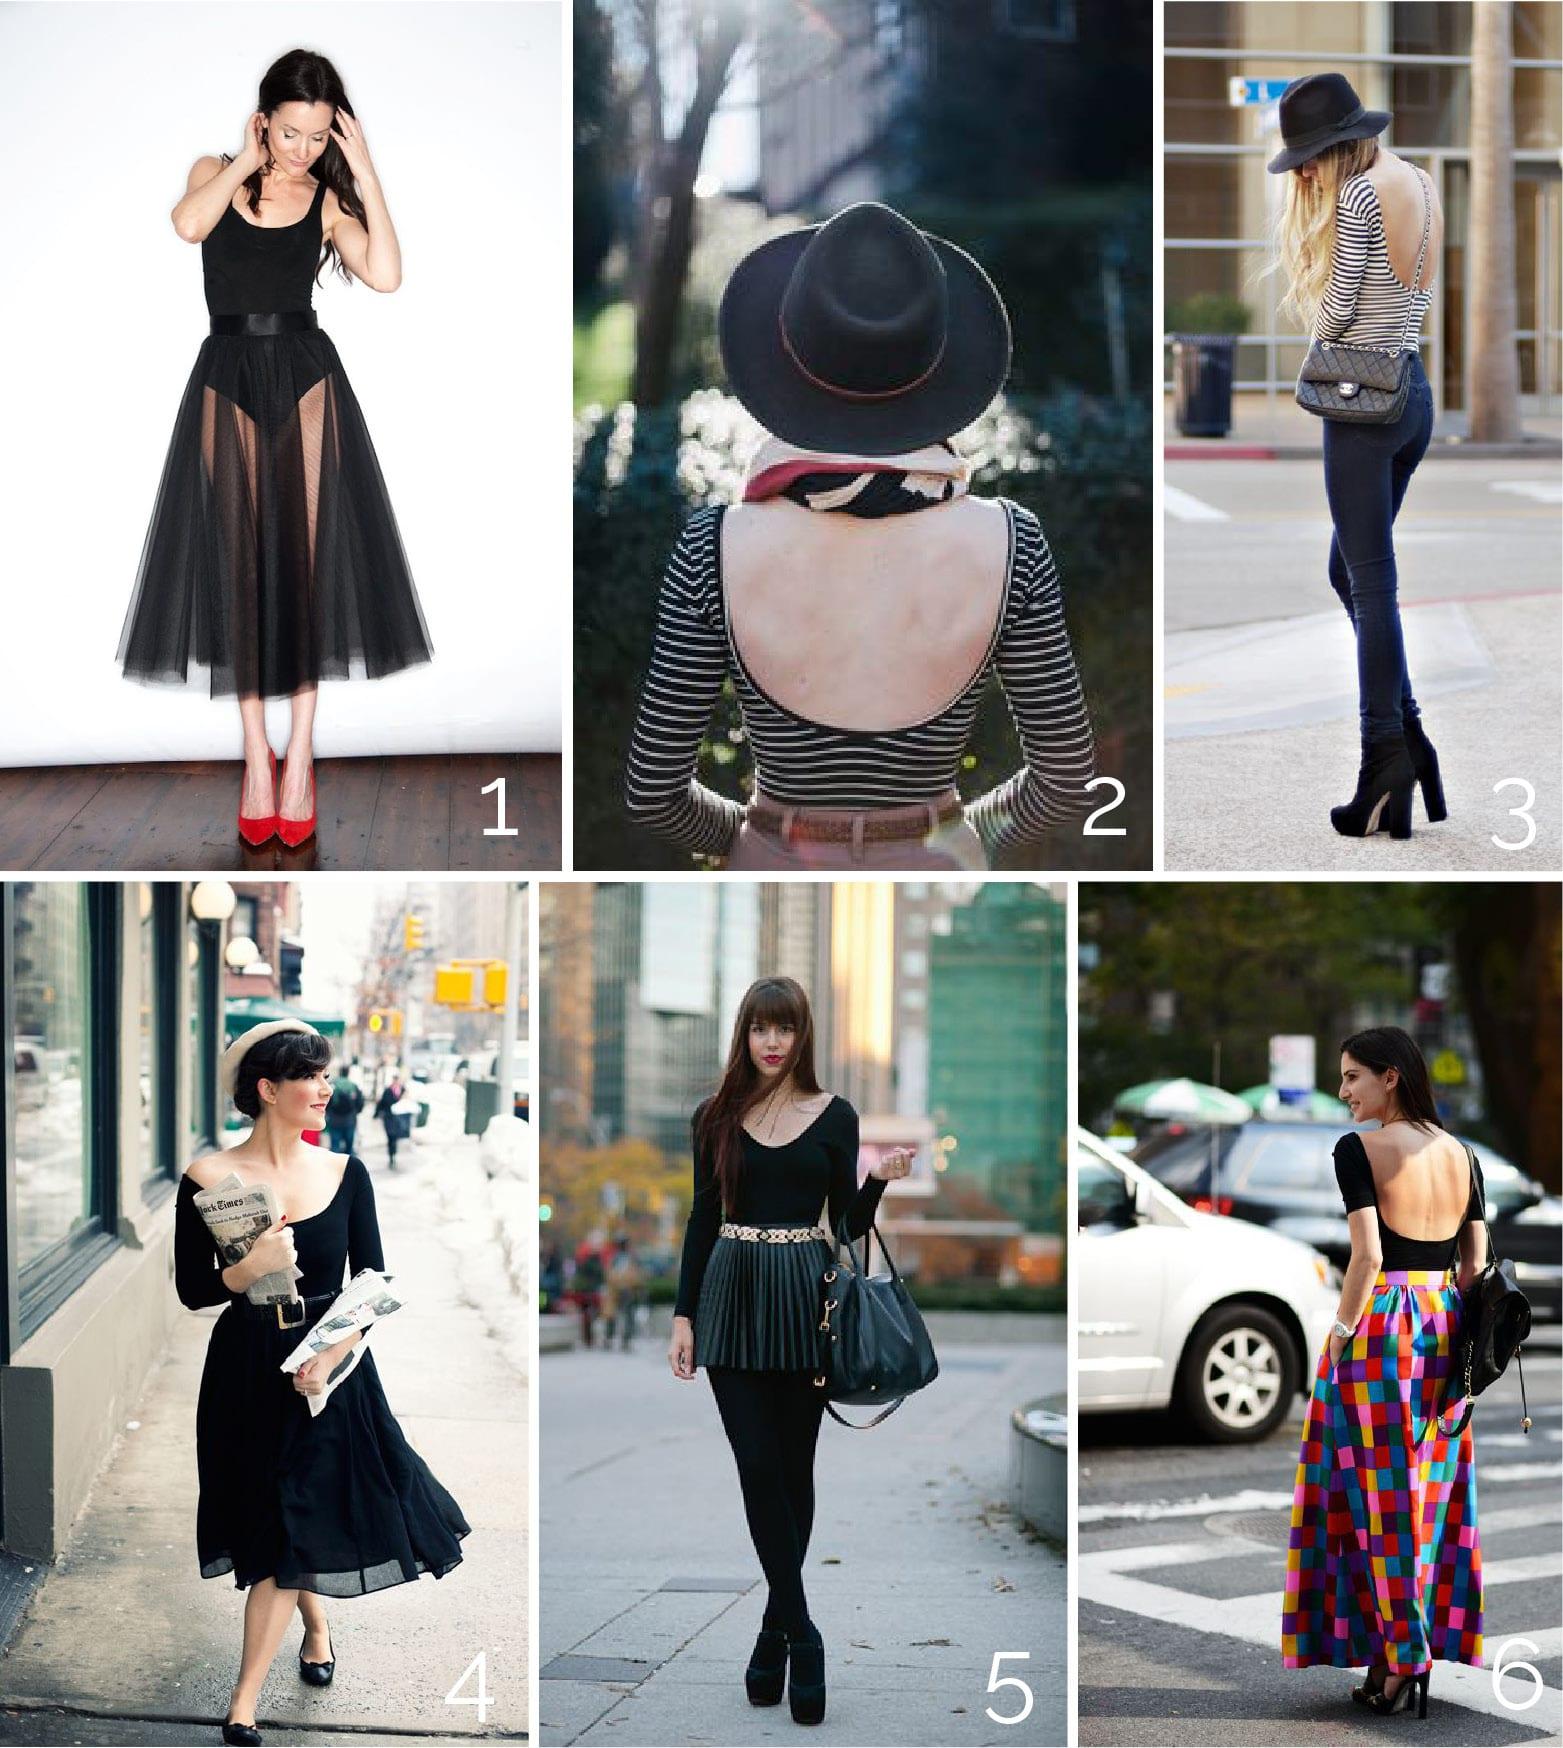 bodysuit inspiration, how to wear a bodysuit